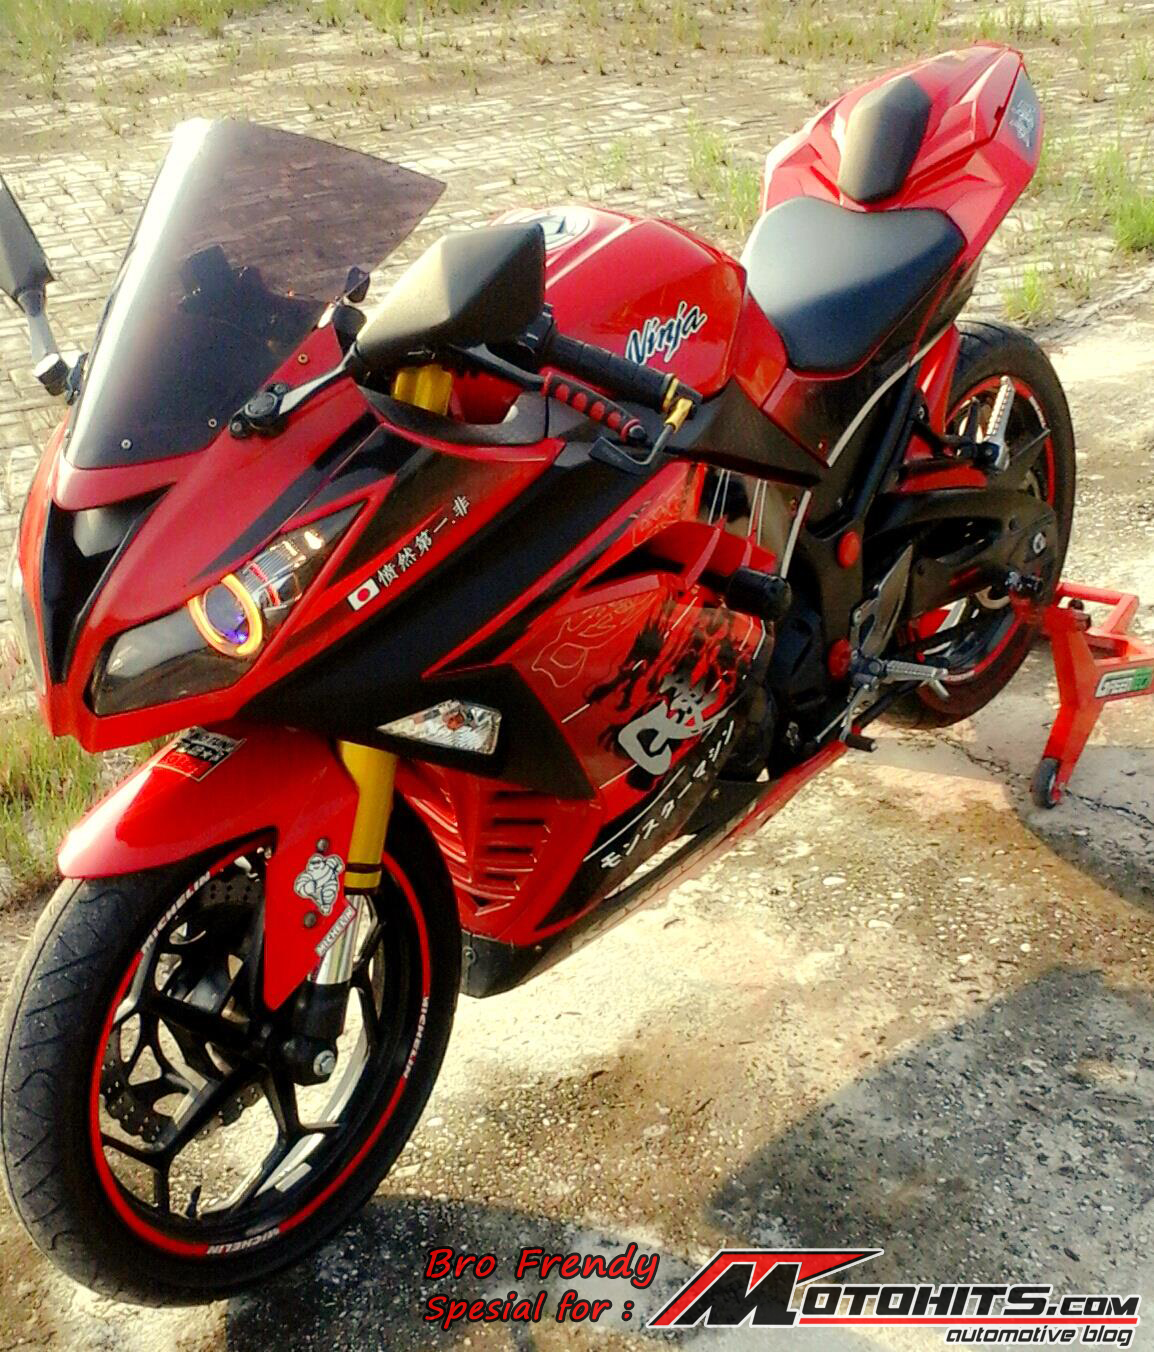 modifikasi ninja 250 fi merah terbaru terpopuler